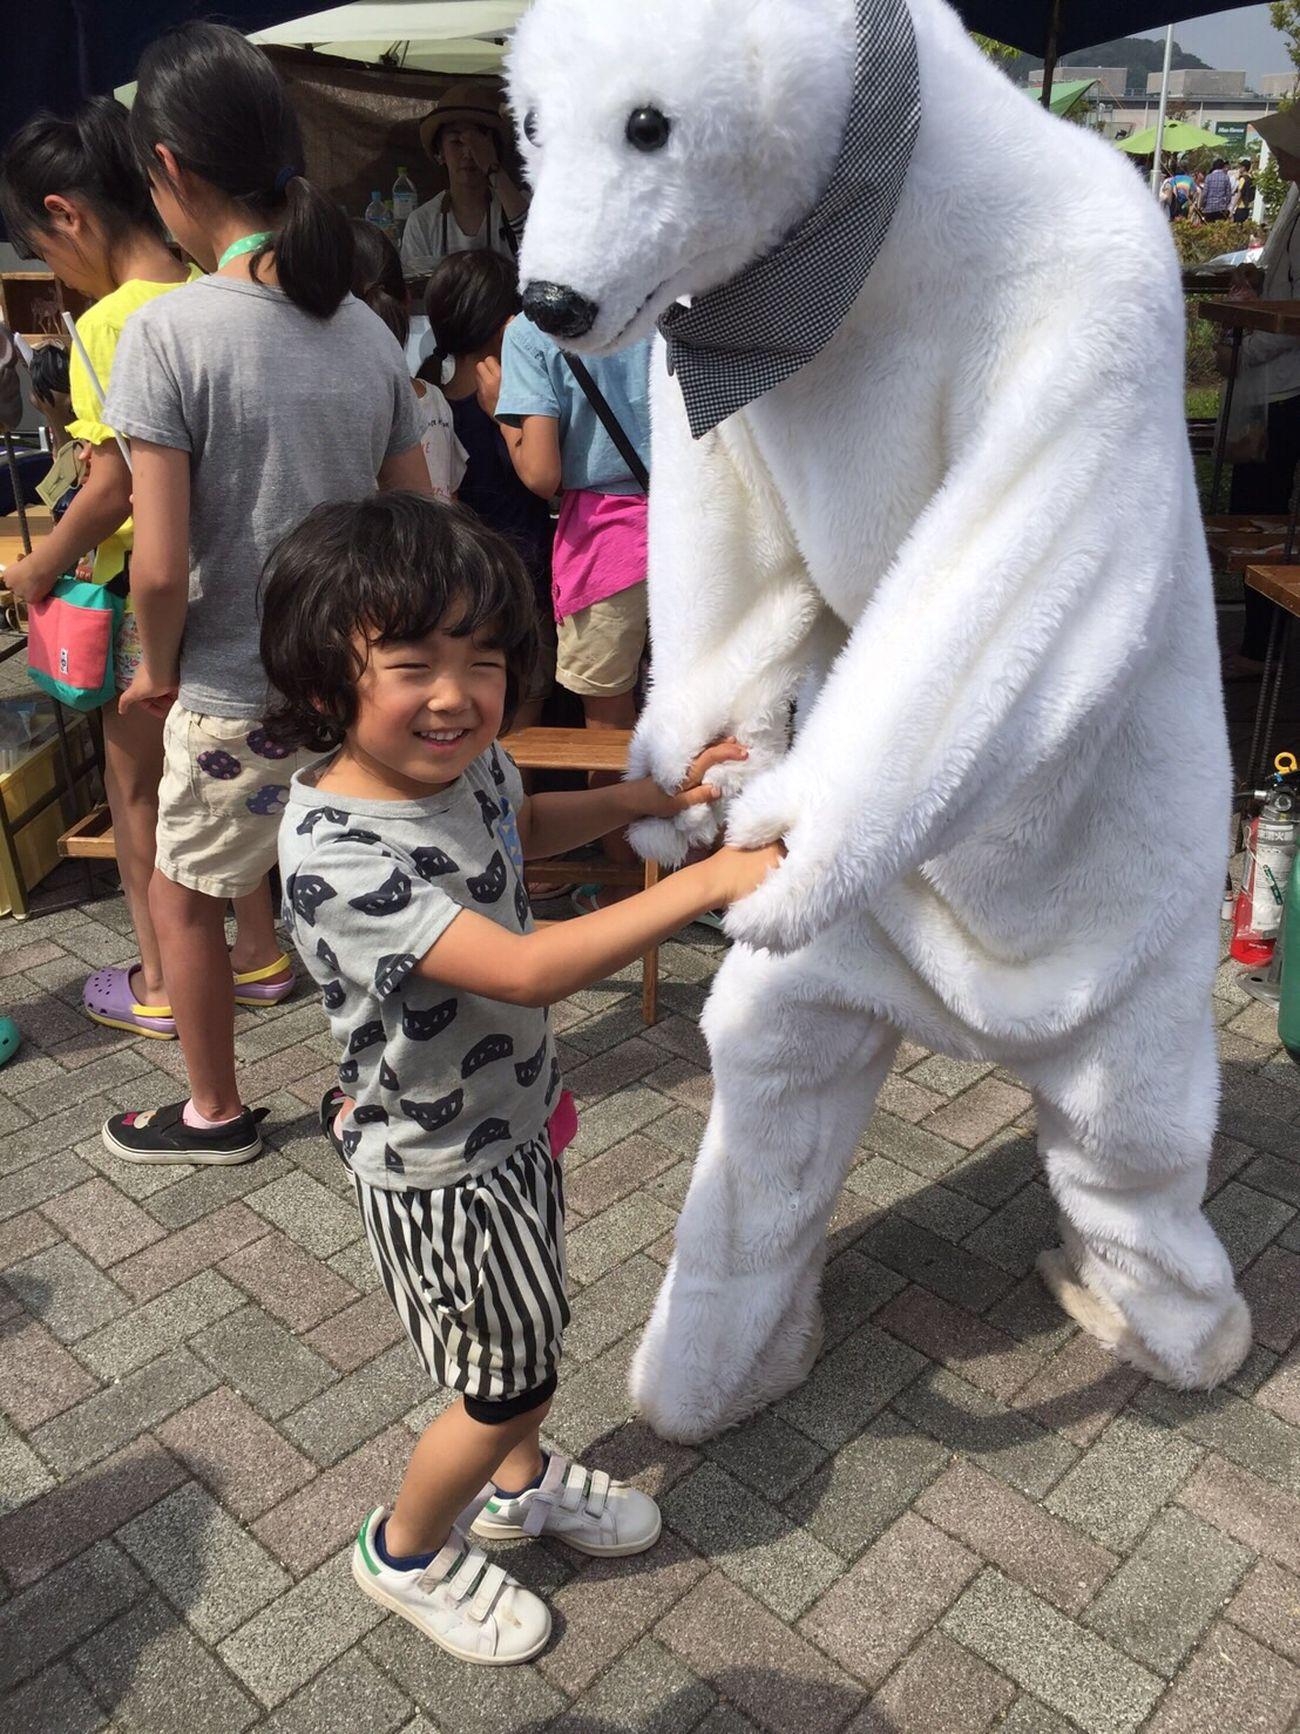 2016.5.14〜16. 森道市場 Fes 蒲郡 Camp Myson